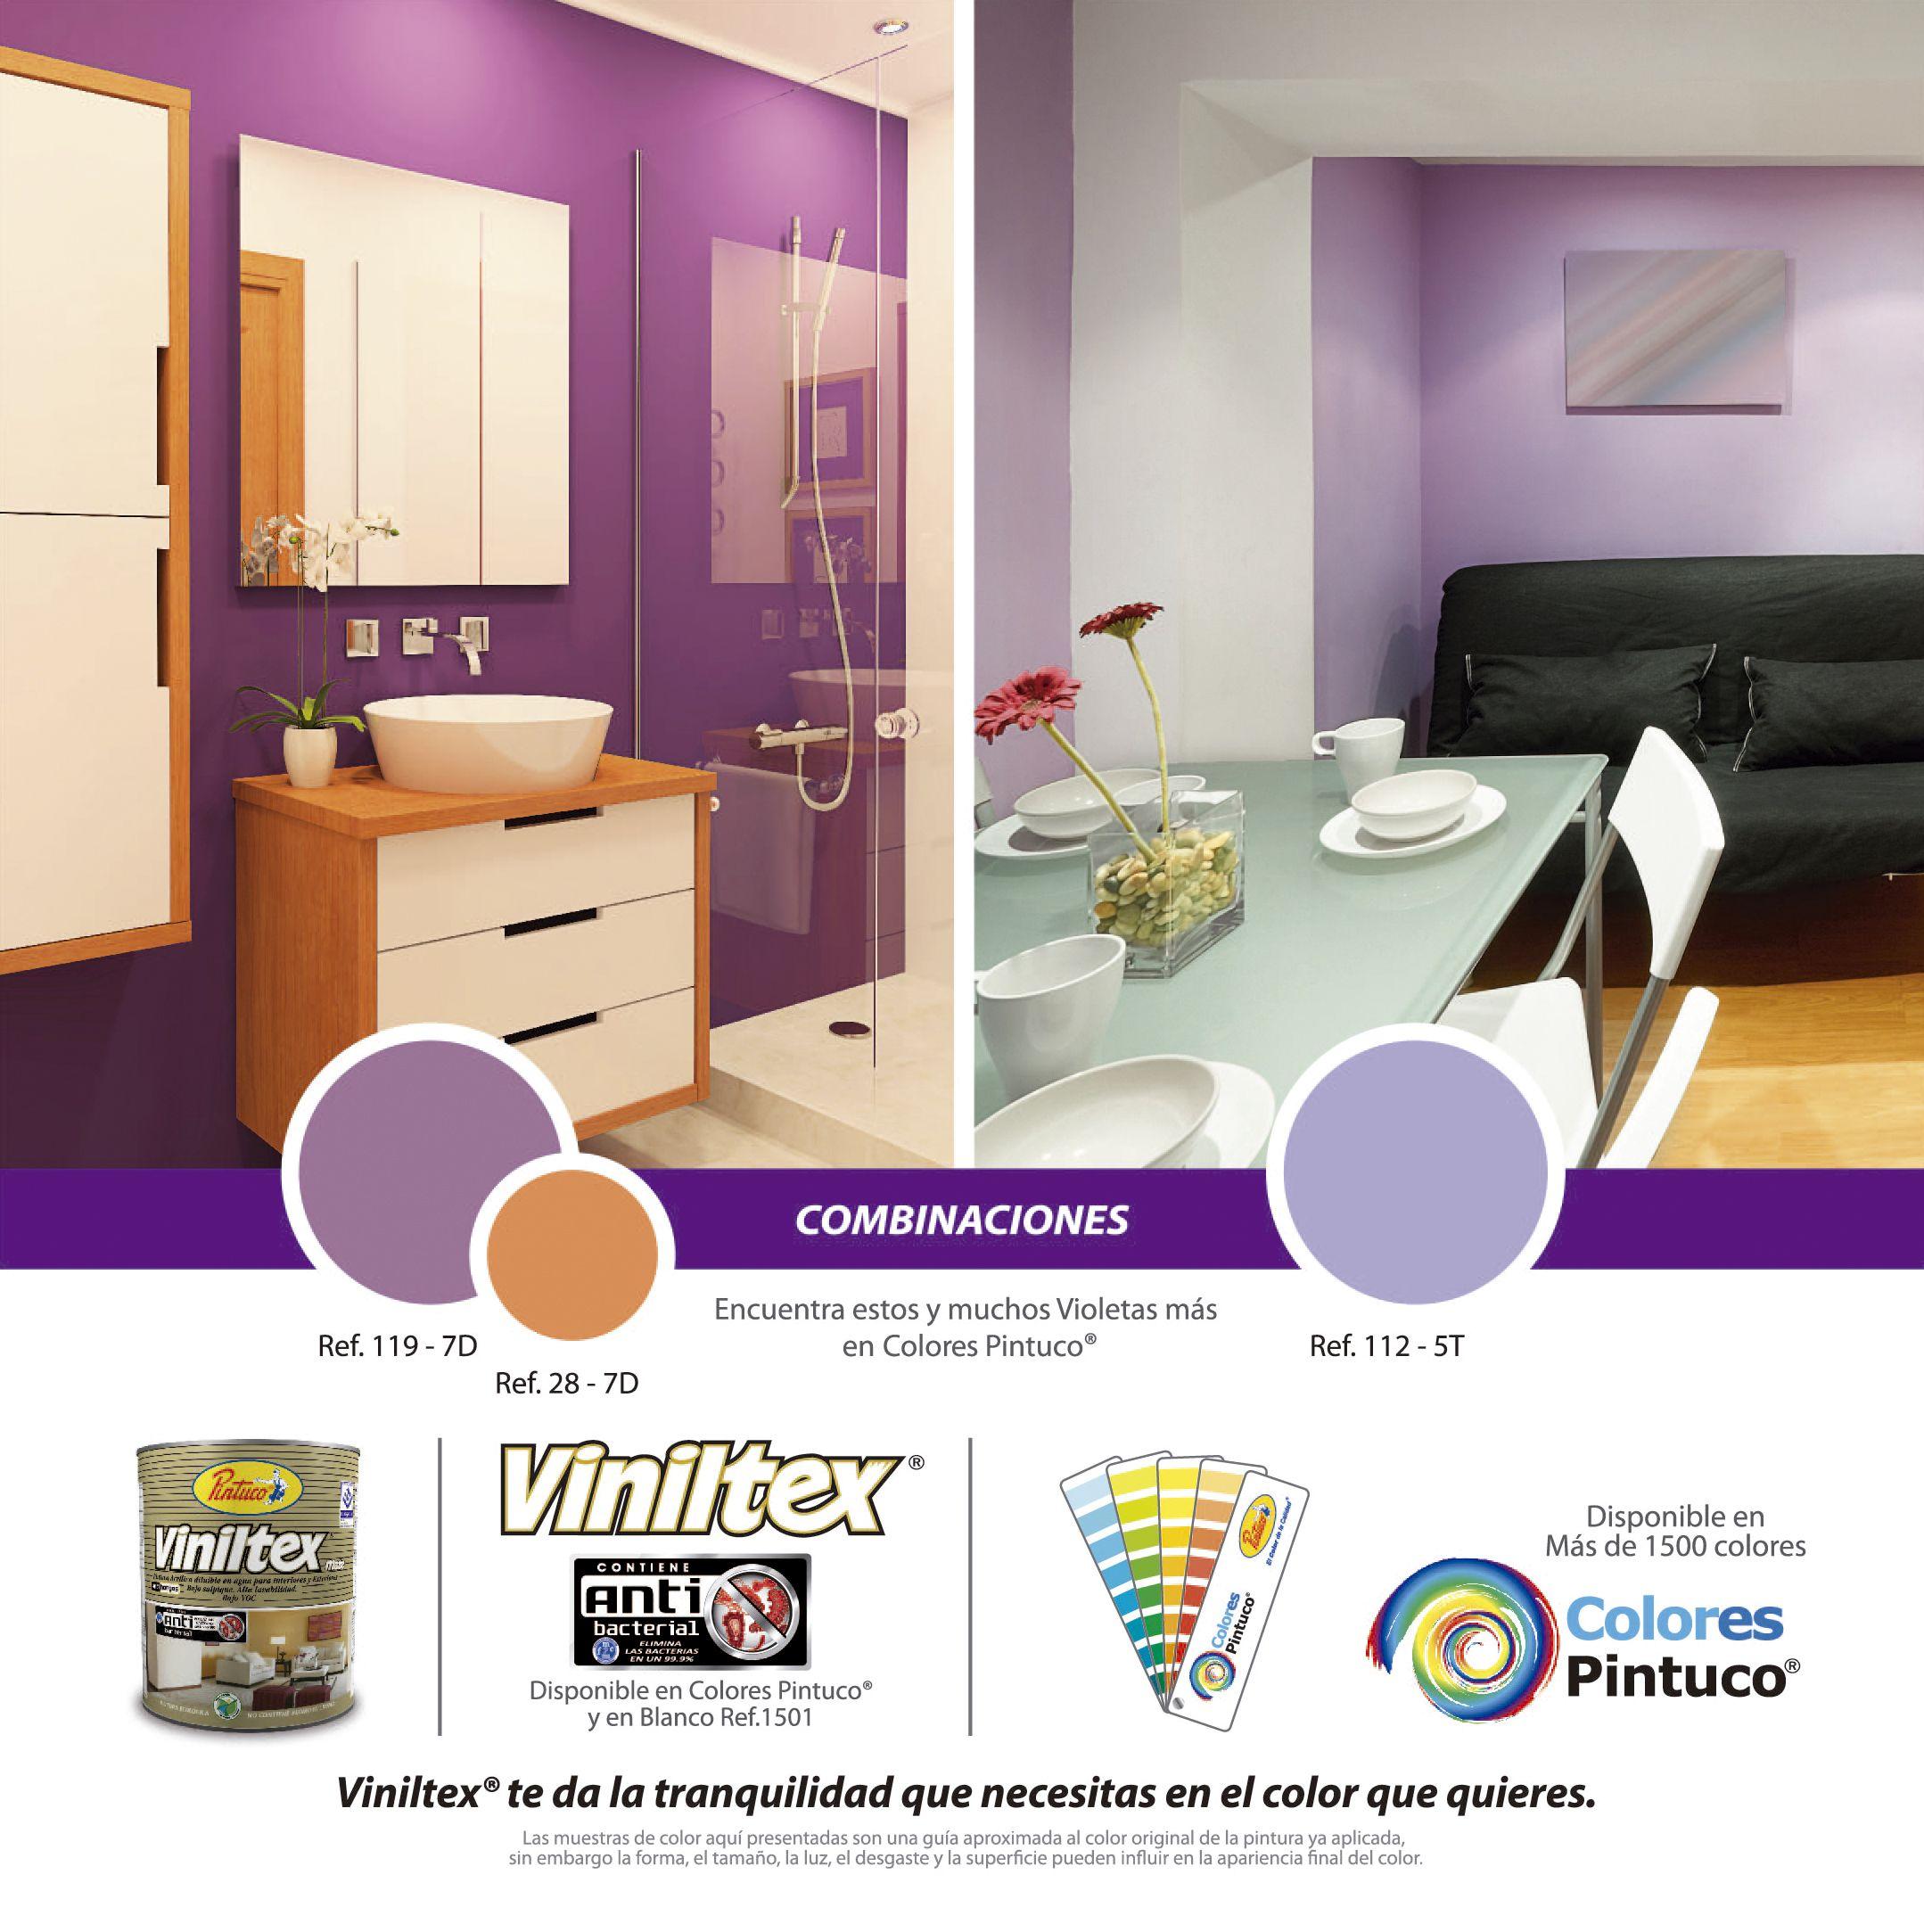 Combinaciones en colores violeta de viniltex de pintuco combinaciones 2012 pinterest - Carta de colores para interiores ...